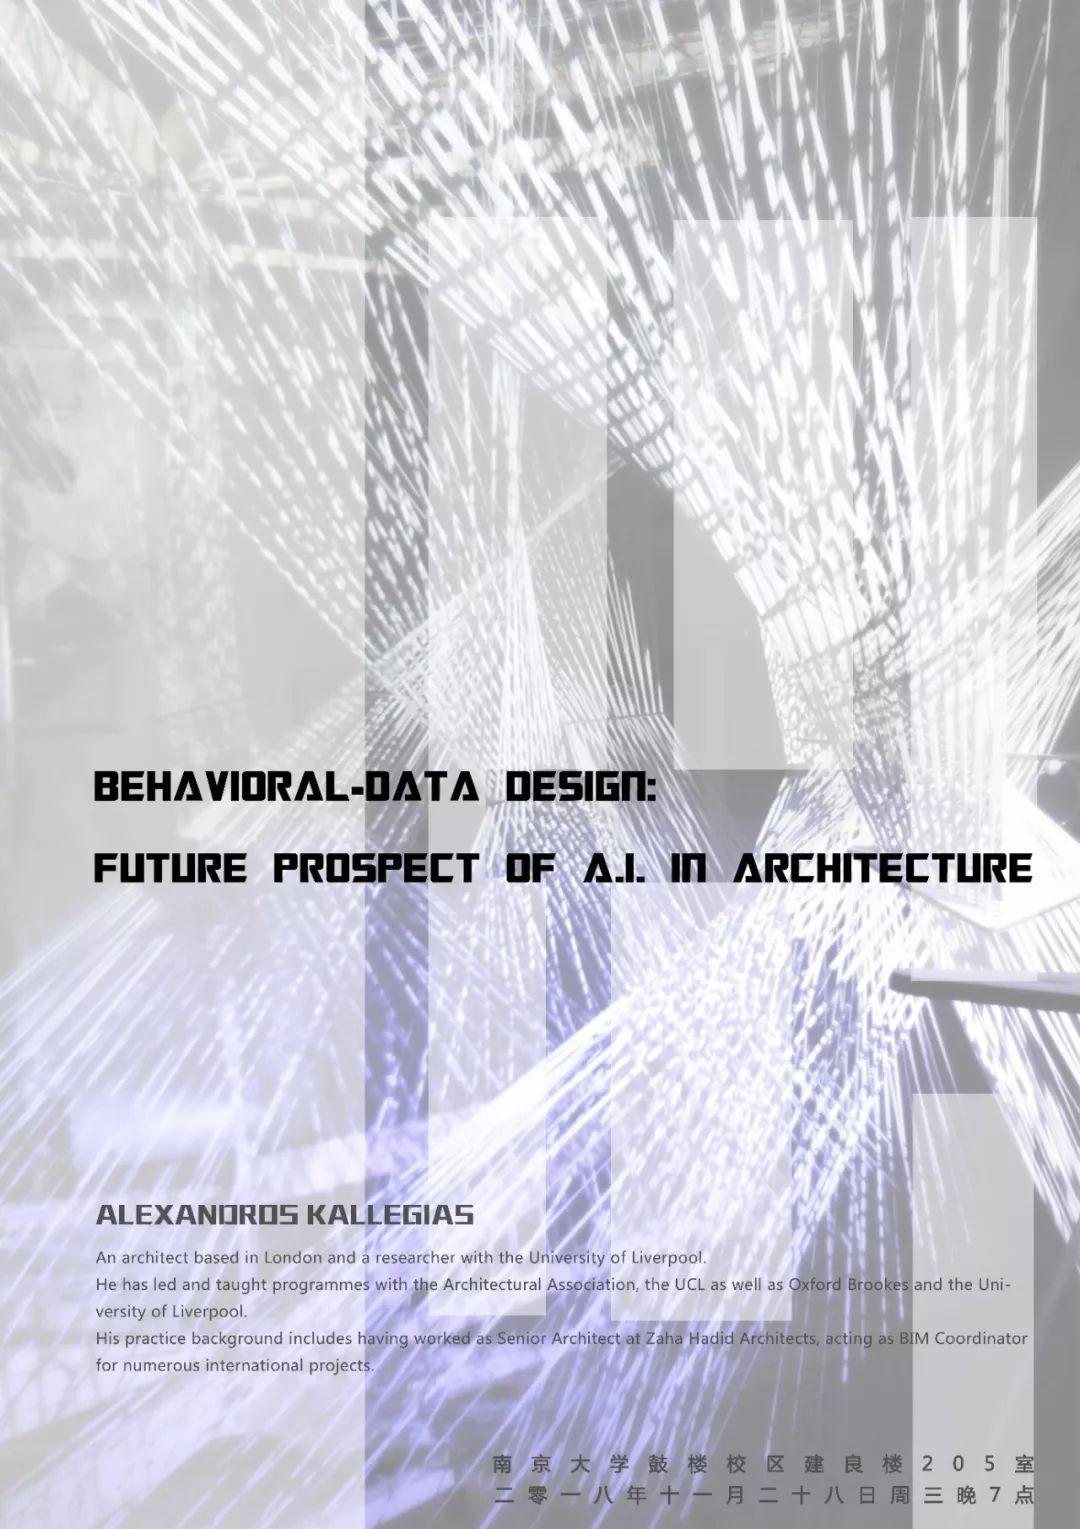 行为数据设计:人工智能建筑的未来视角讲座